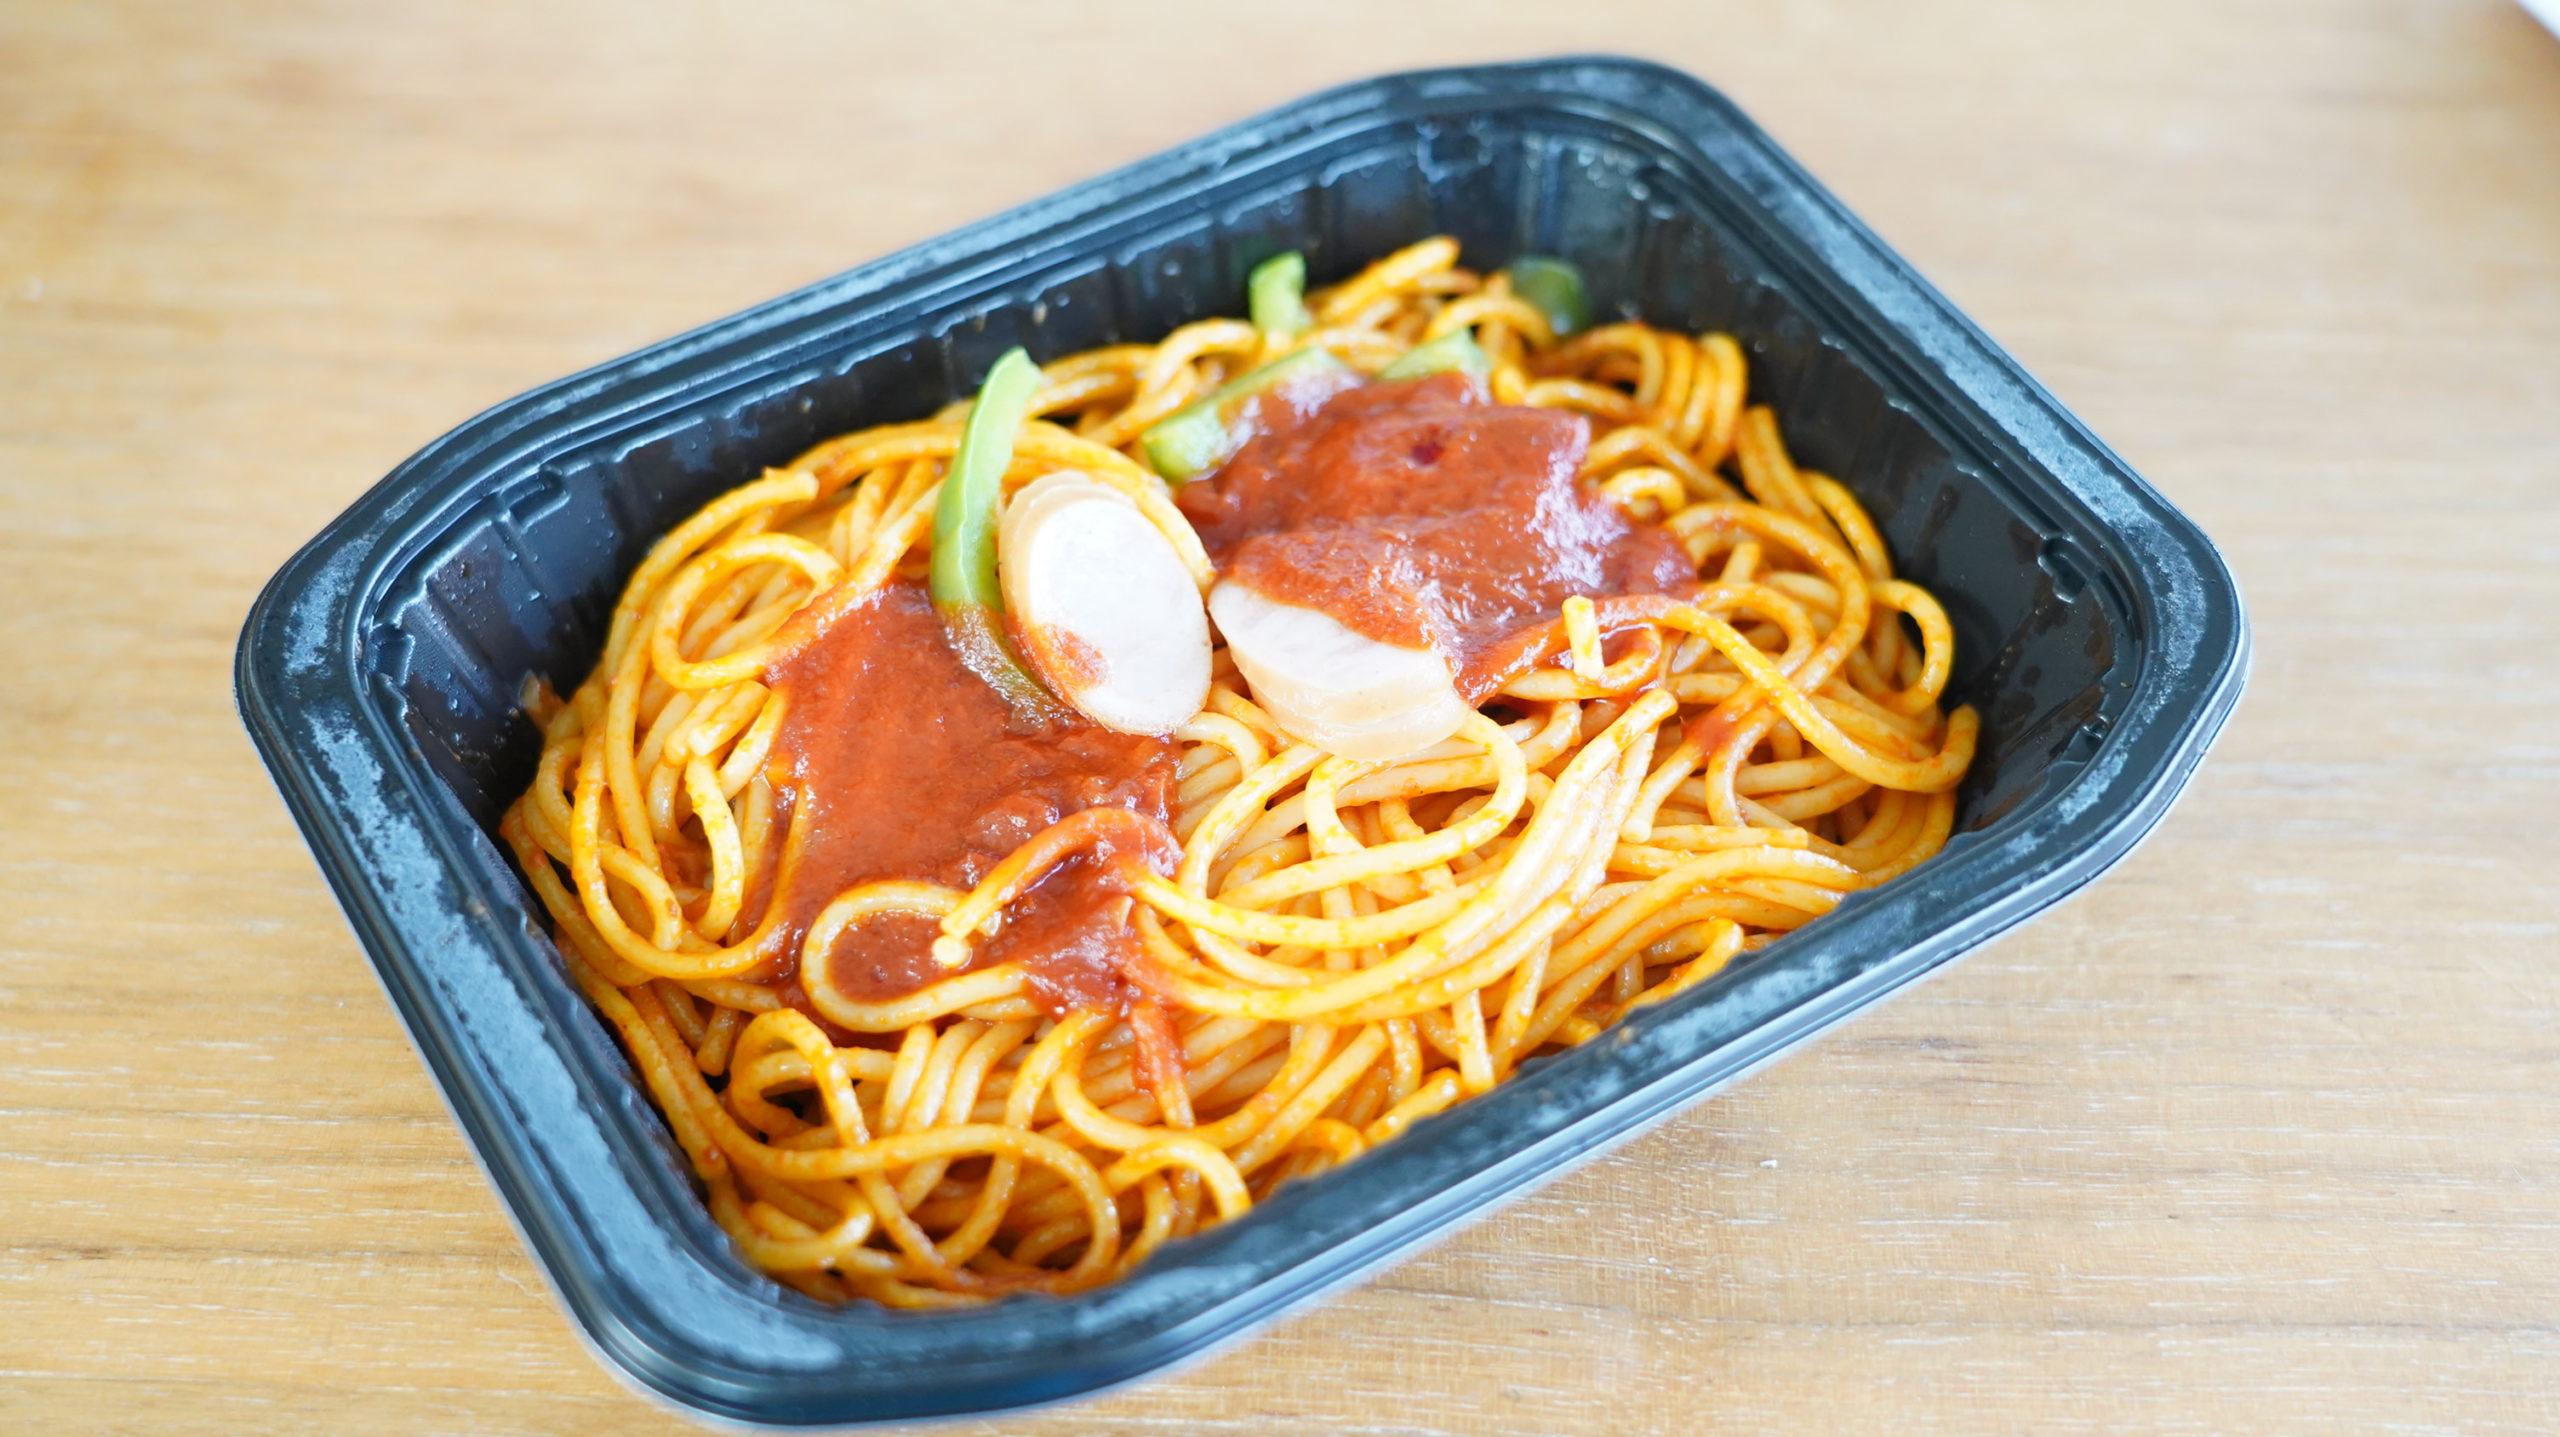 セブンイレブンのおすすめ冷凍食品「スパゲッティナポリタン」の中身の写真